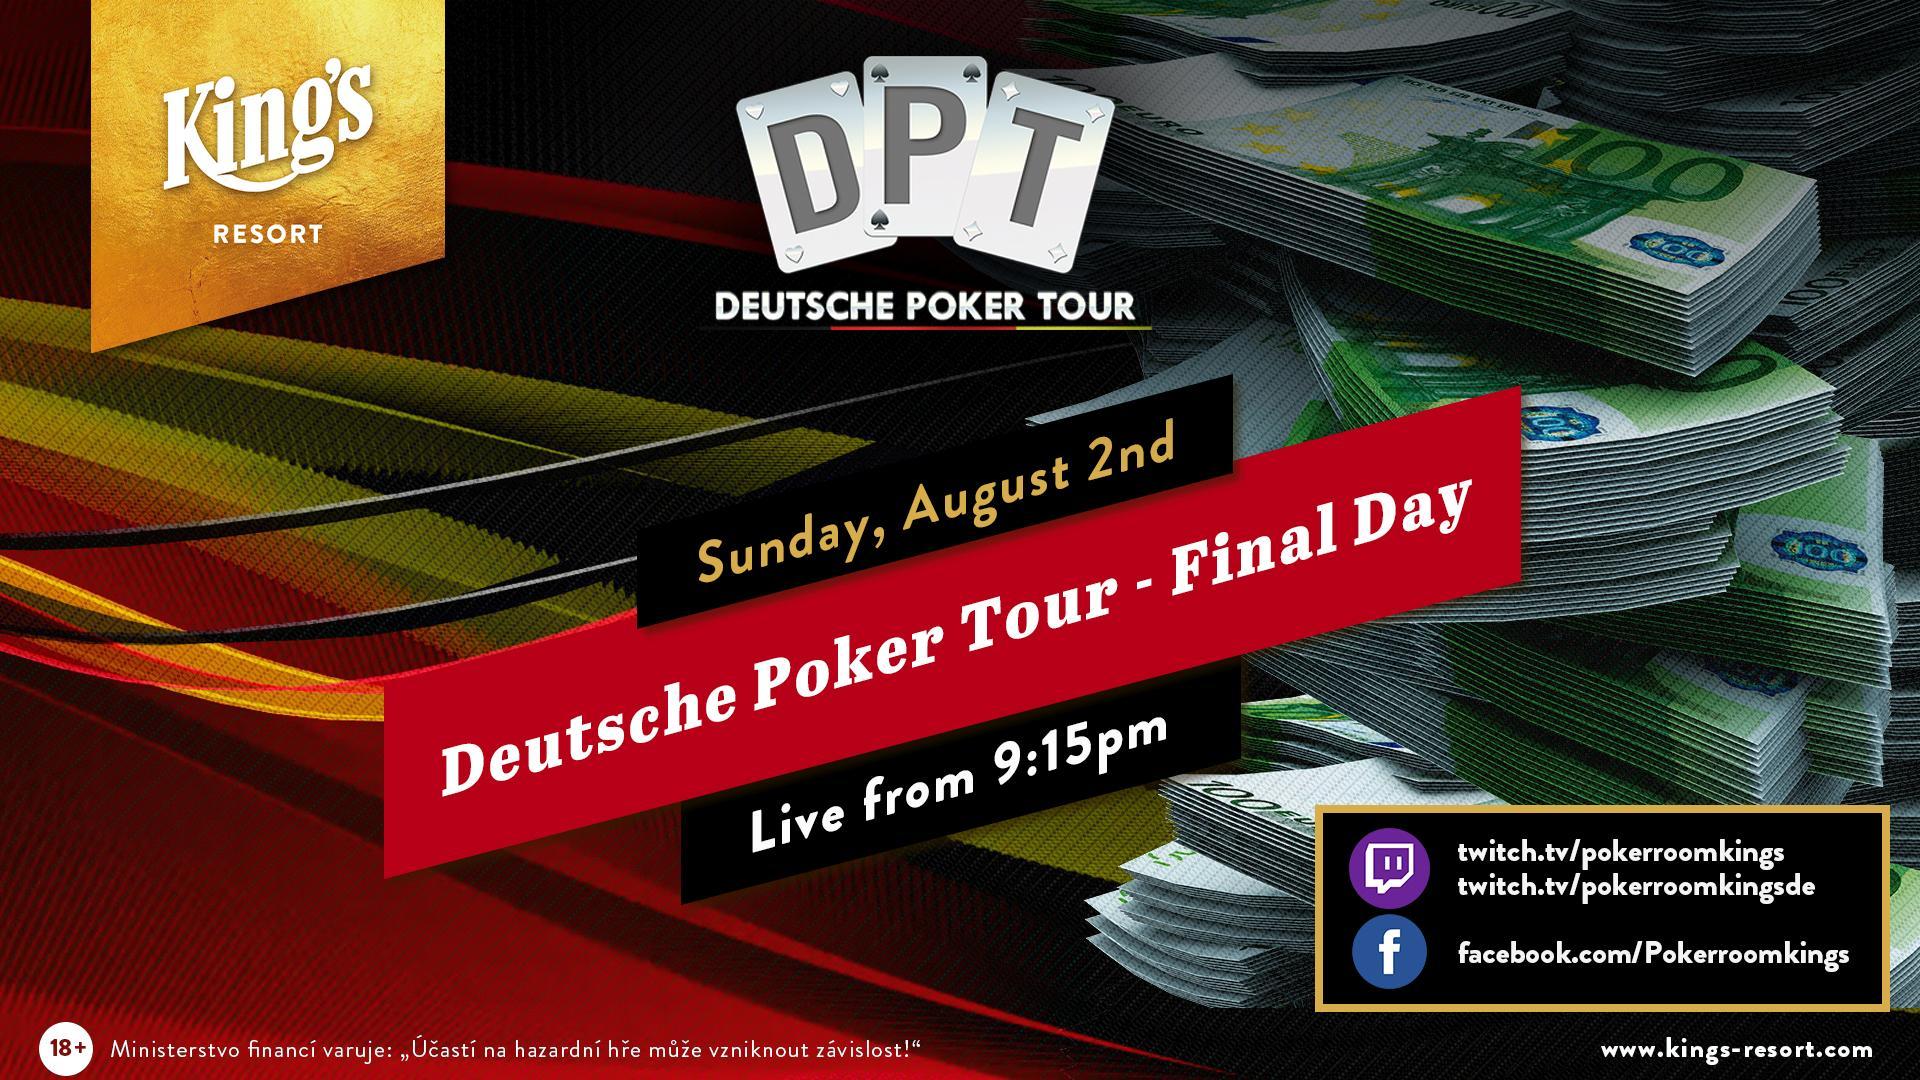 Kings Poker News